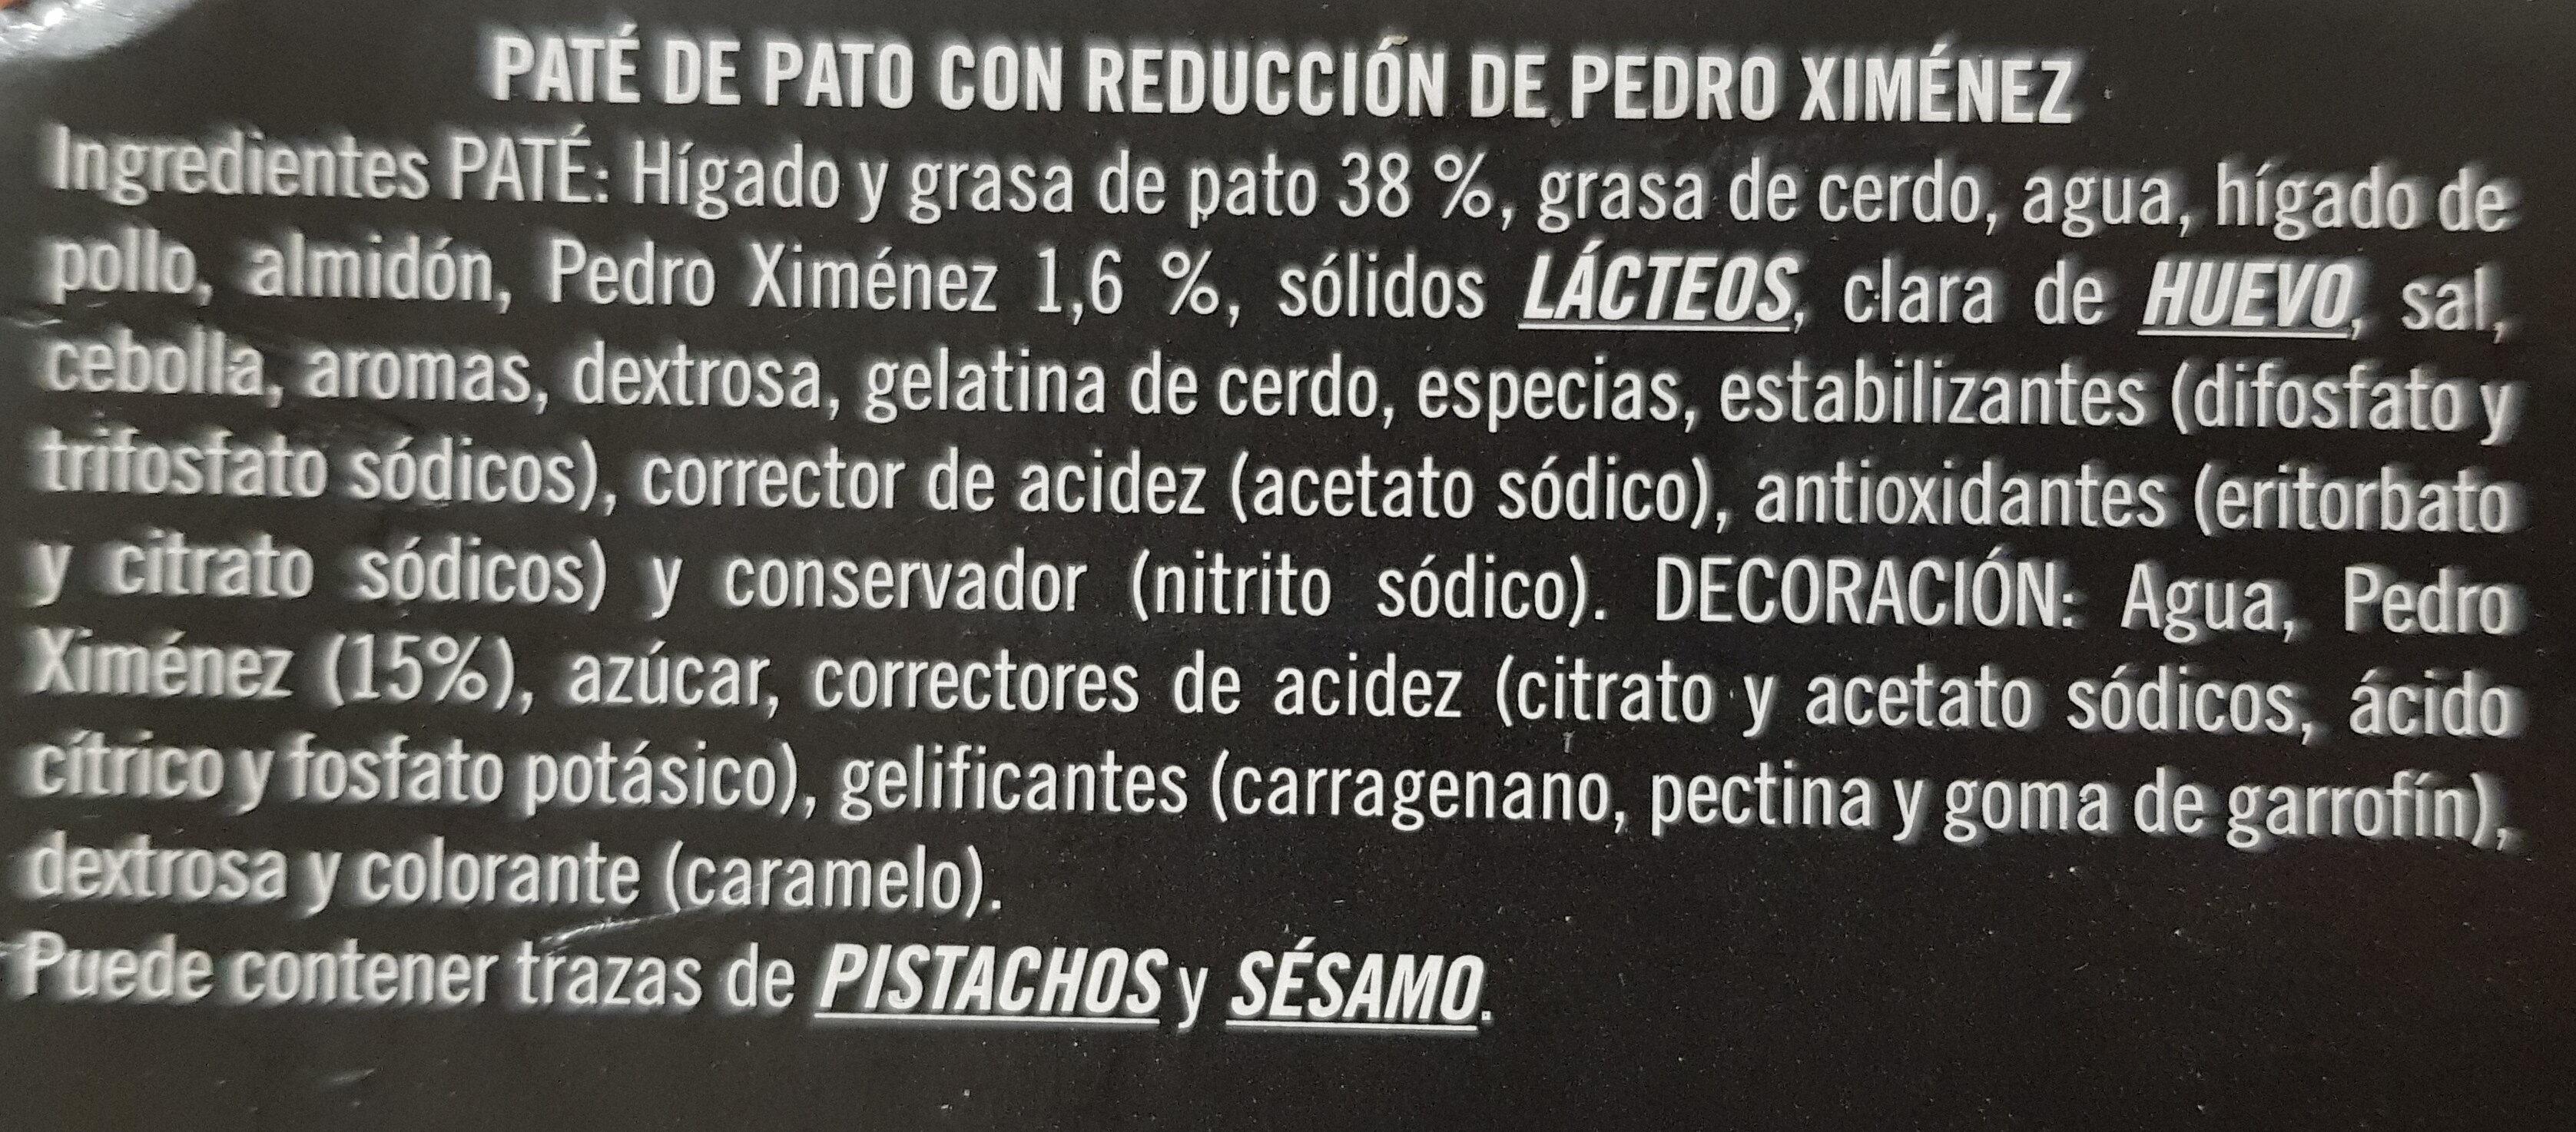 Mousse de pato con reducción de Pedro Ximenez - Ingredientes - es